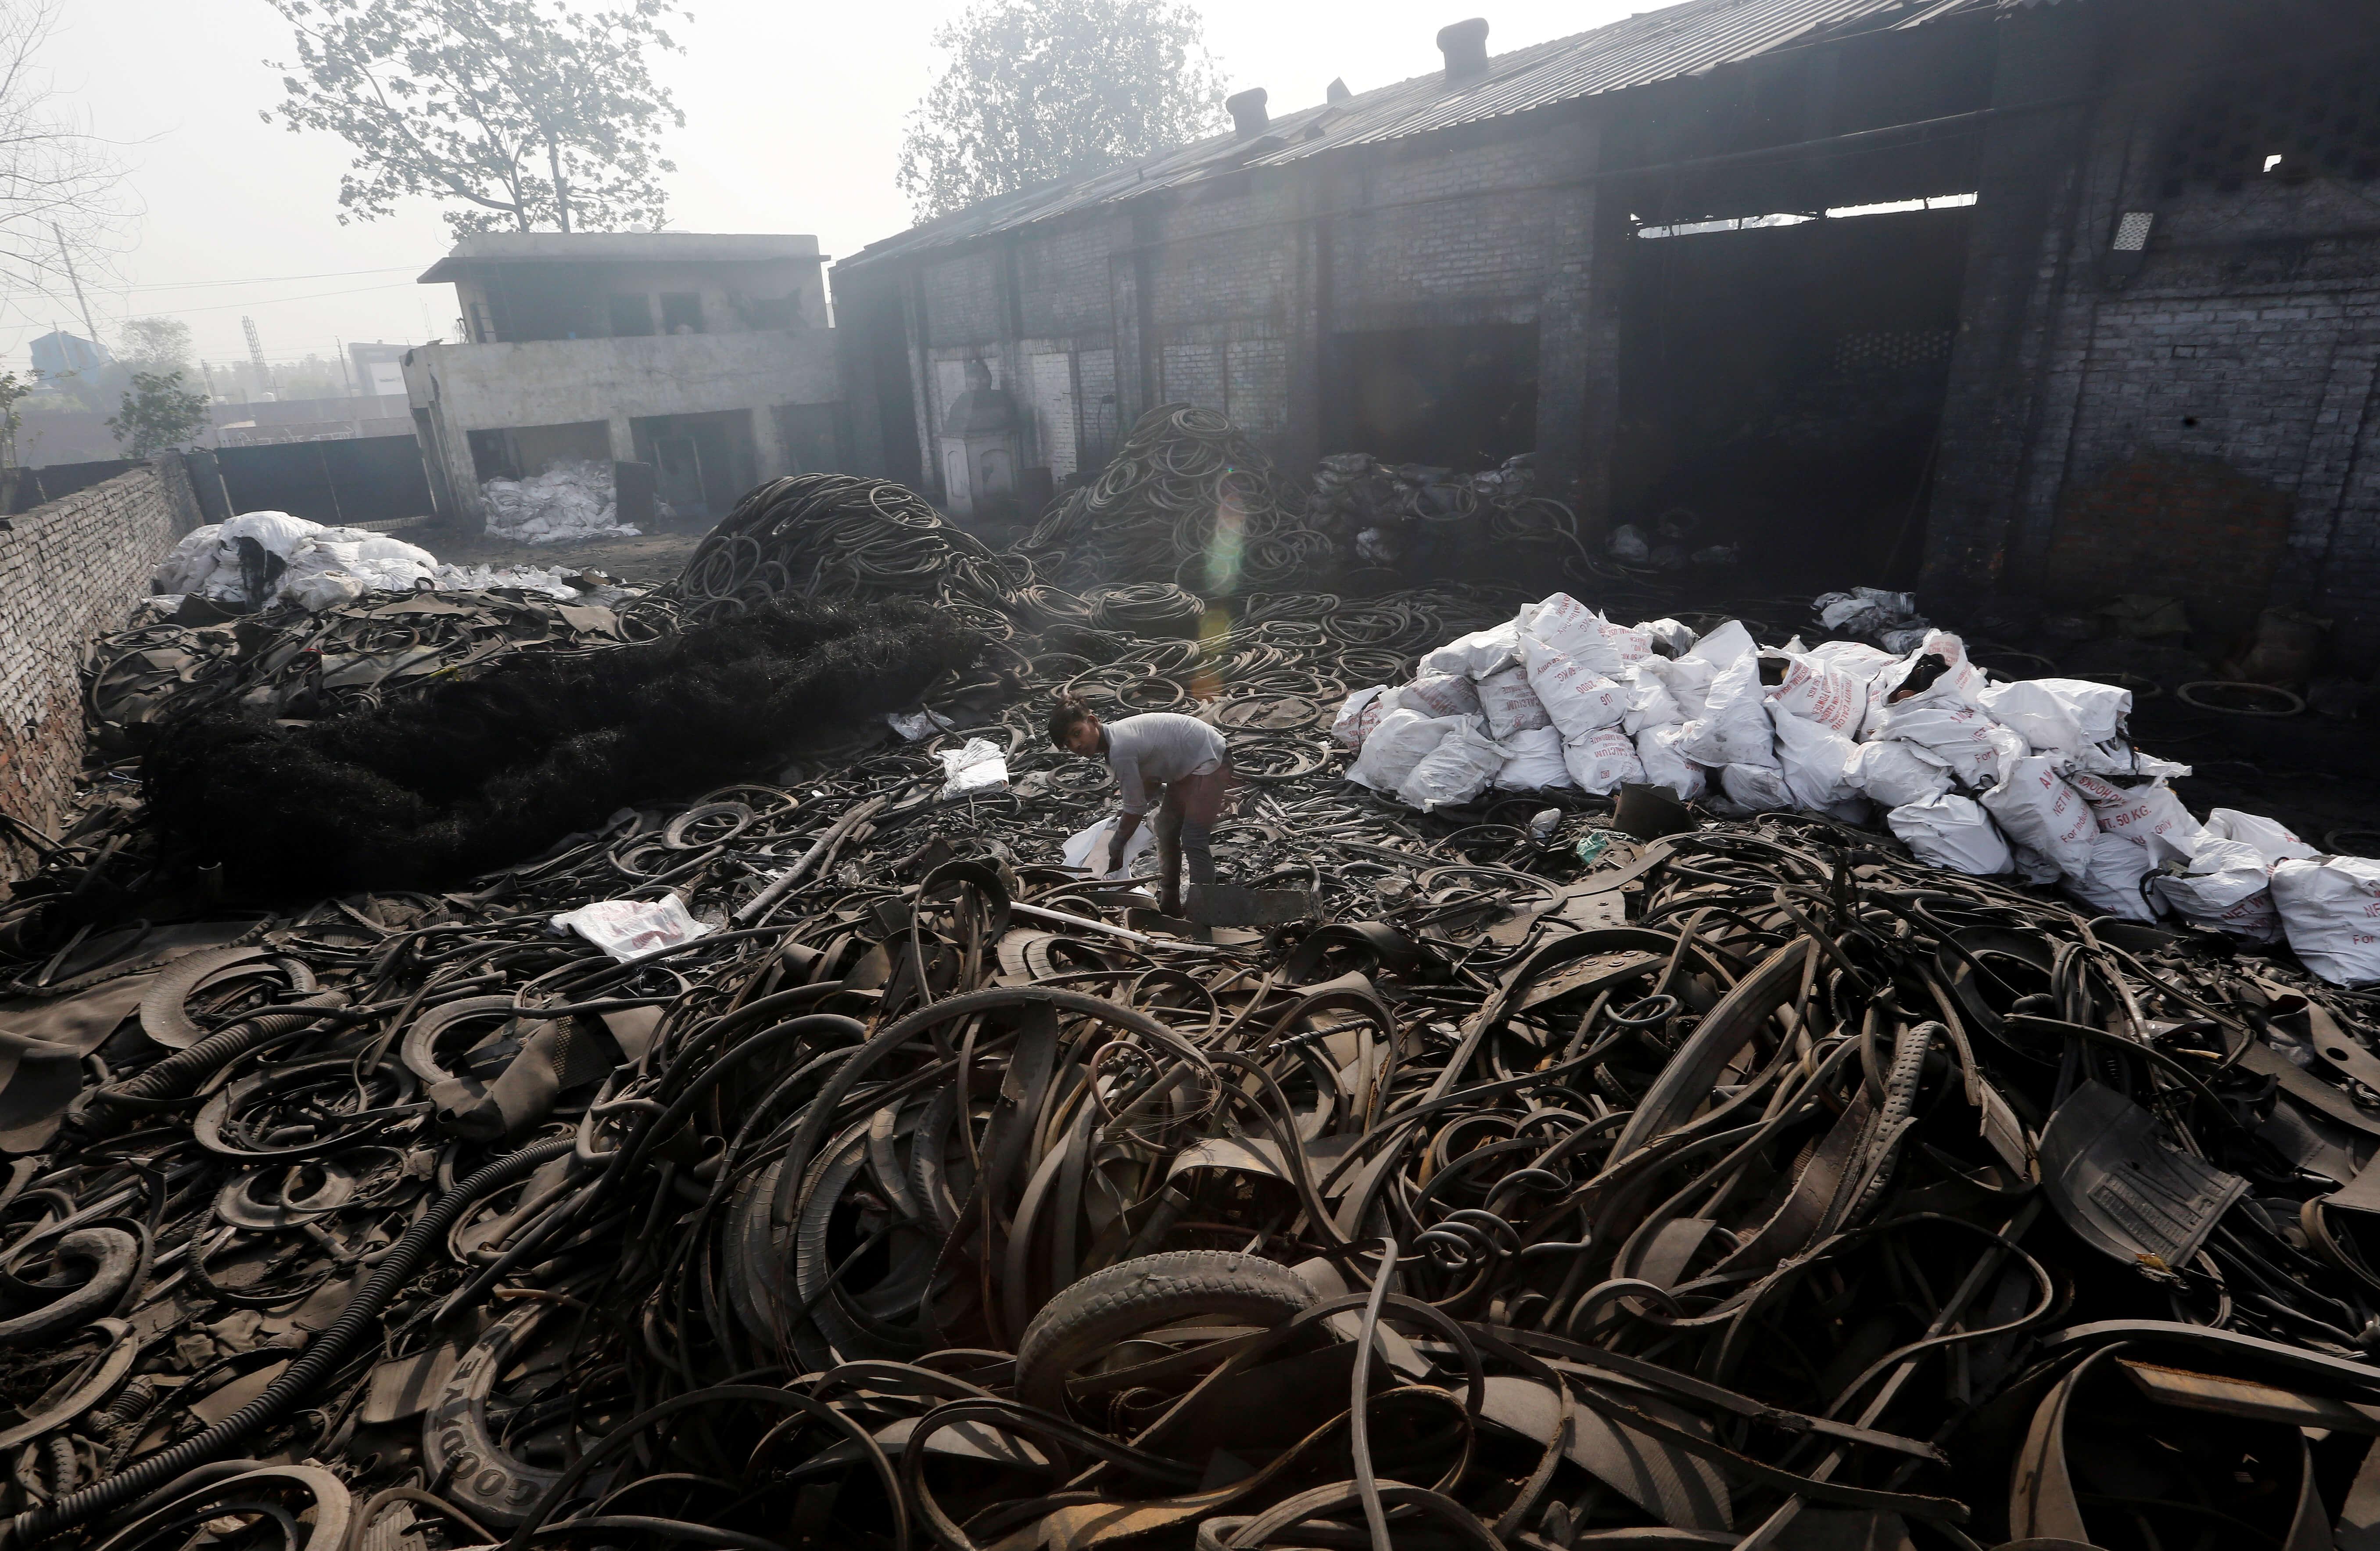 Μαλαισία: 500 σχολεία θα παραμείνουν κλειστά λόγω χημικών αποβλήτων